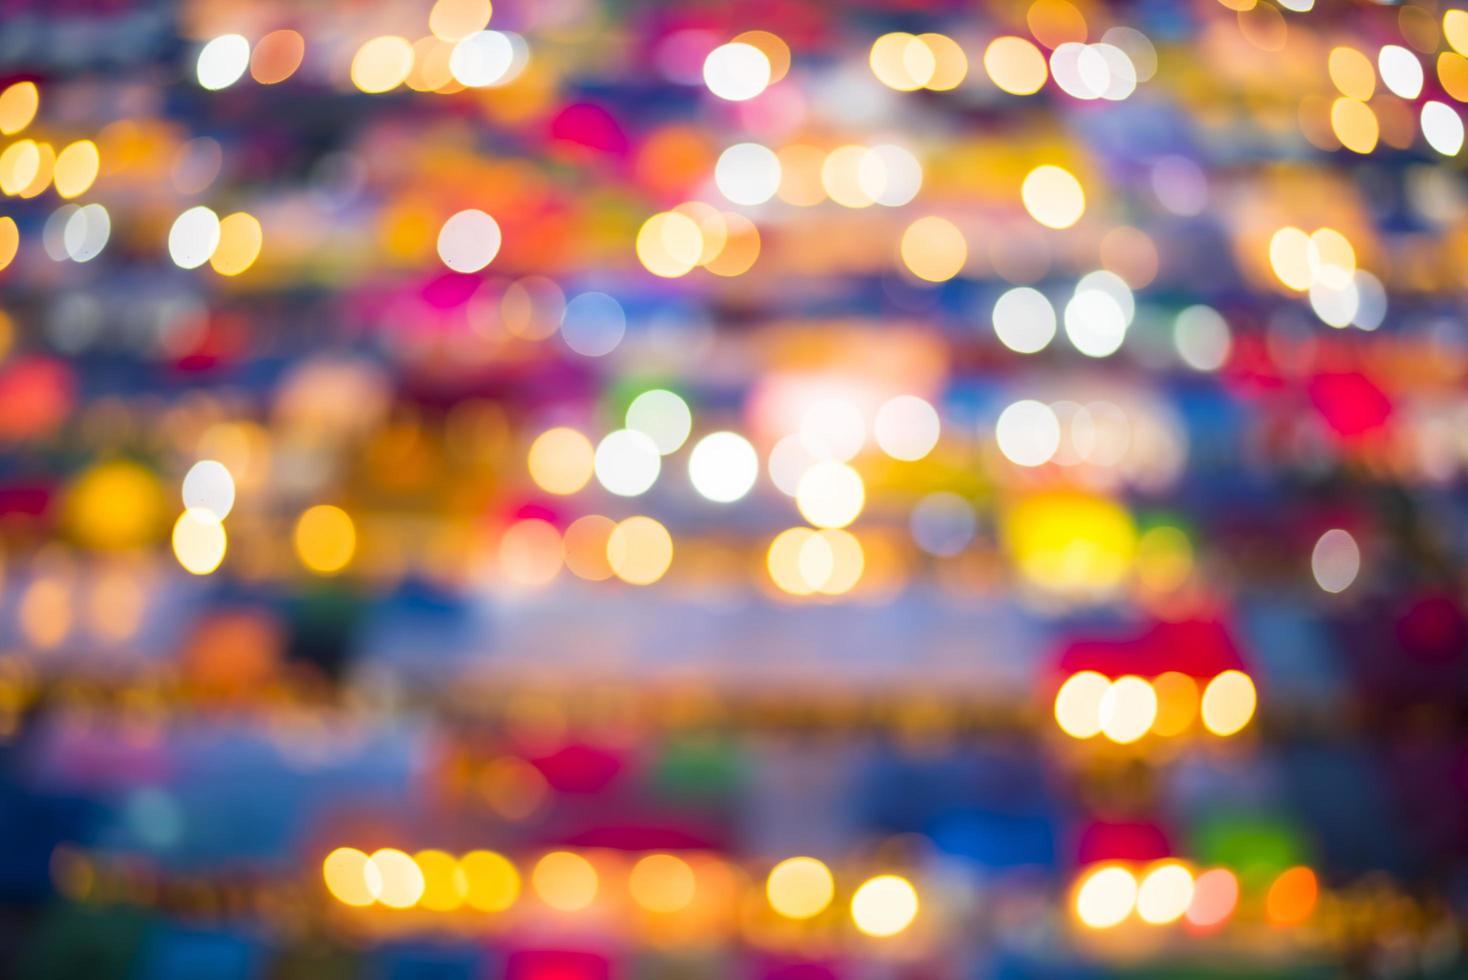 färgglada bokeh på natten foto